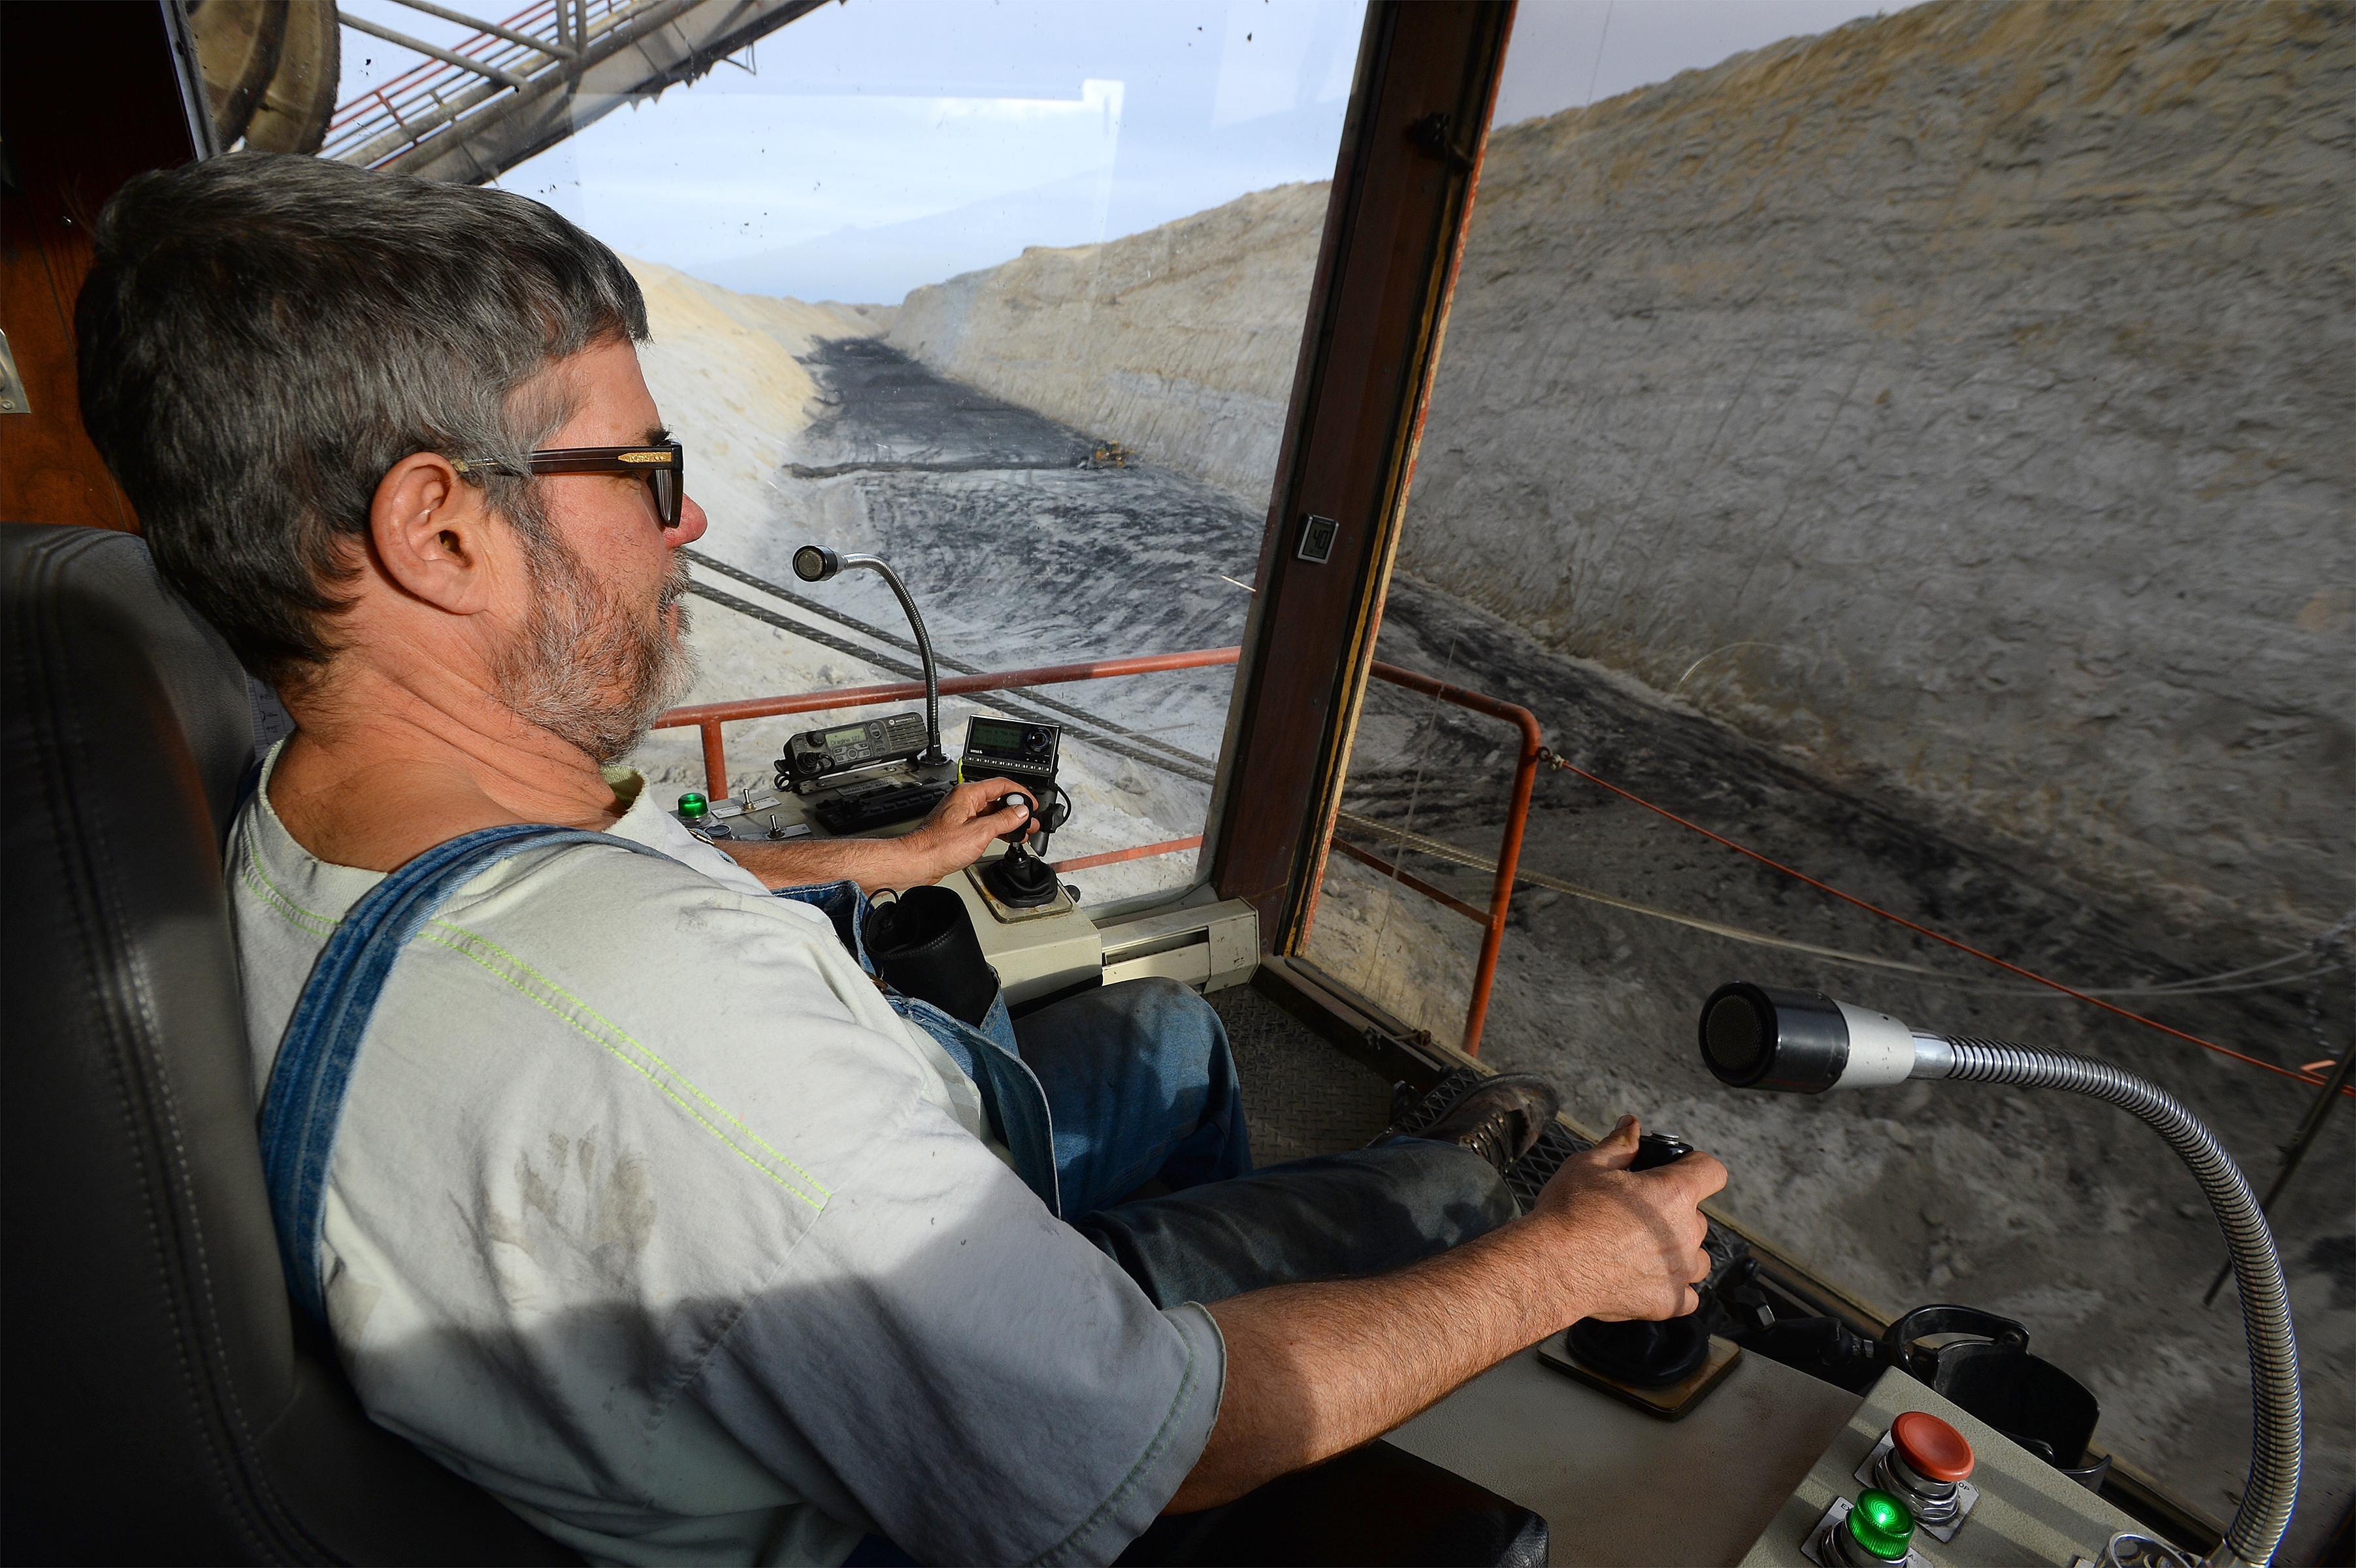 Dragline operator jobs